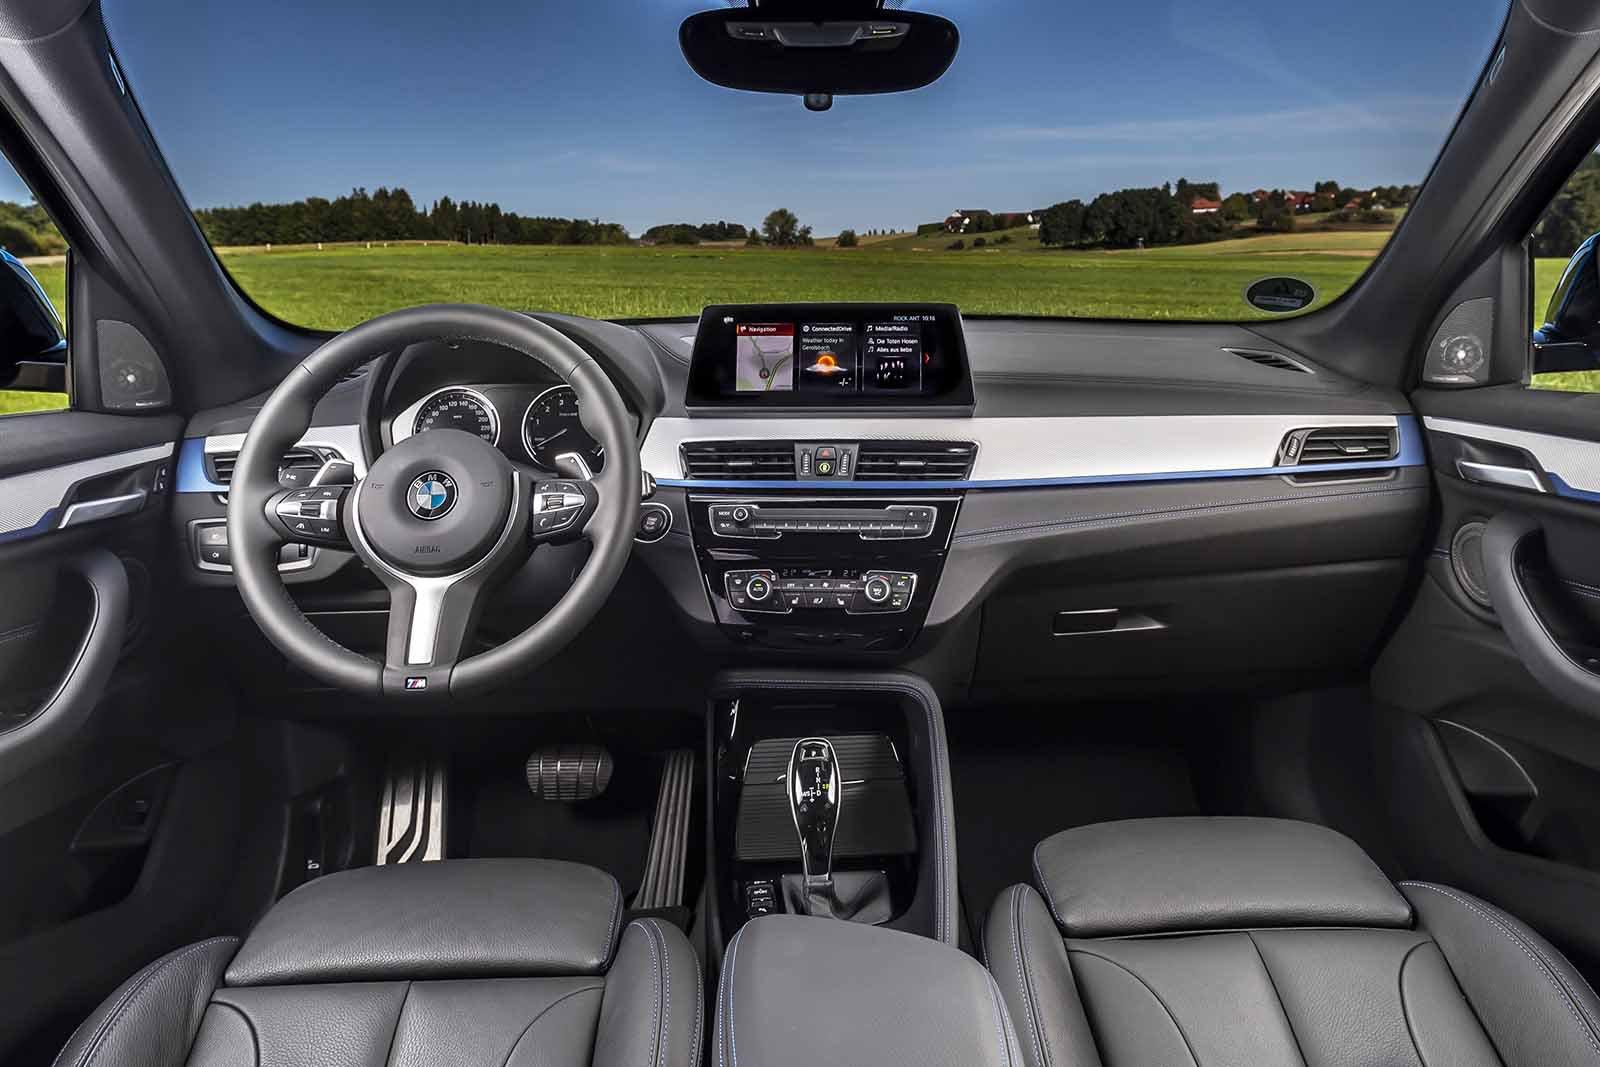 BMW X1 2019 LHD dashboard